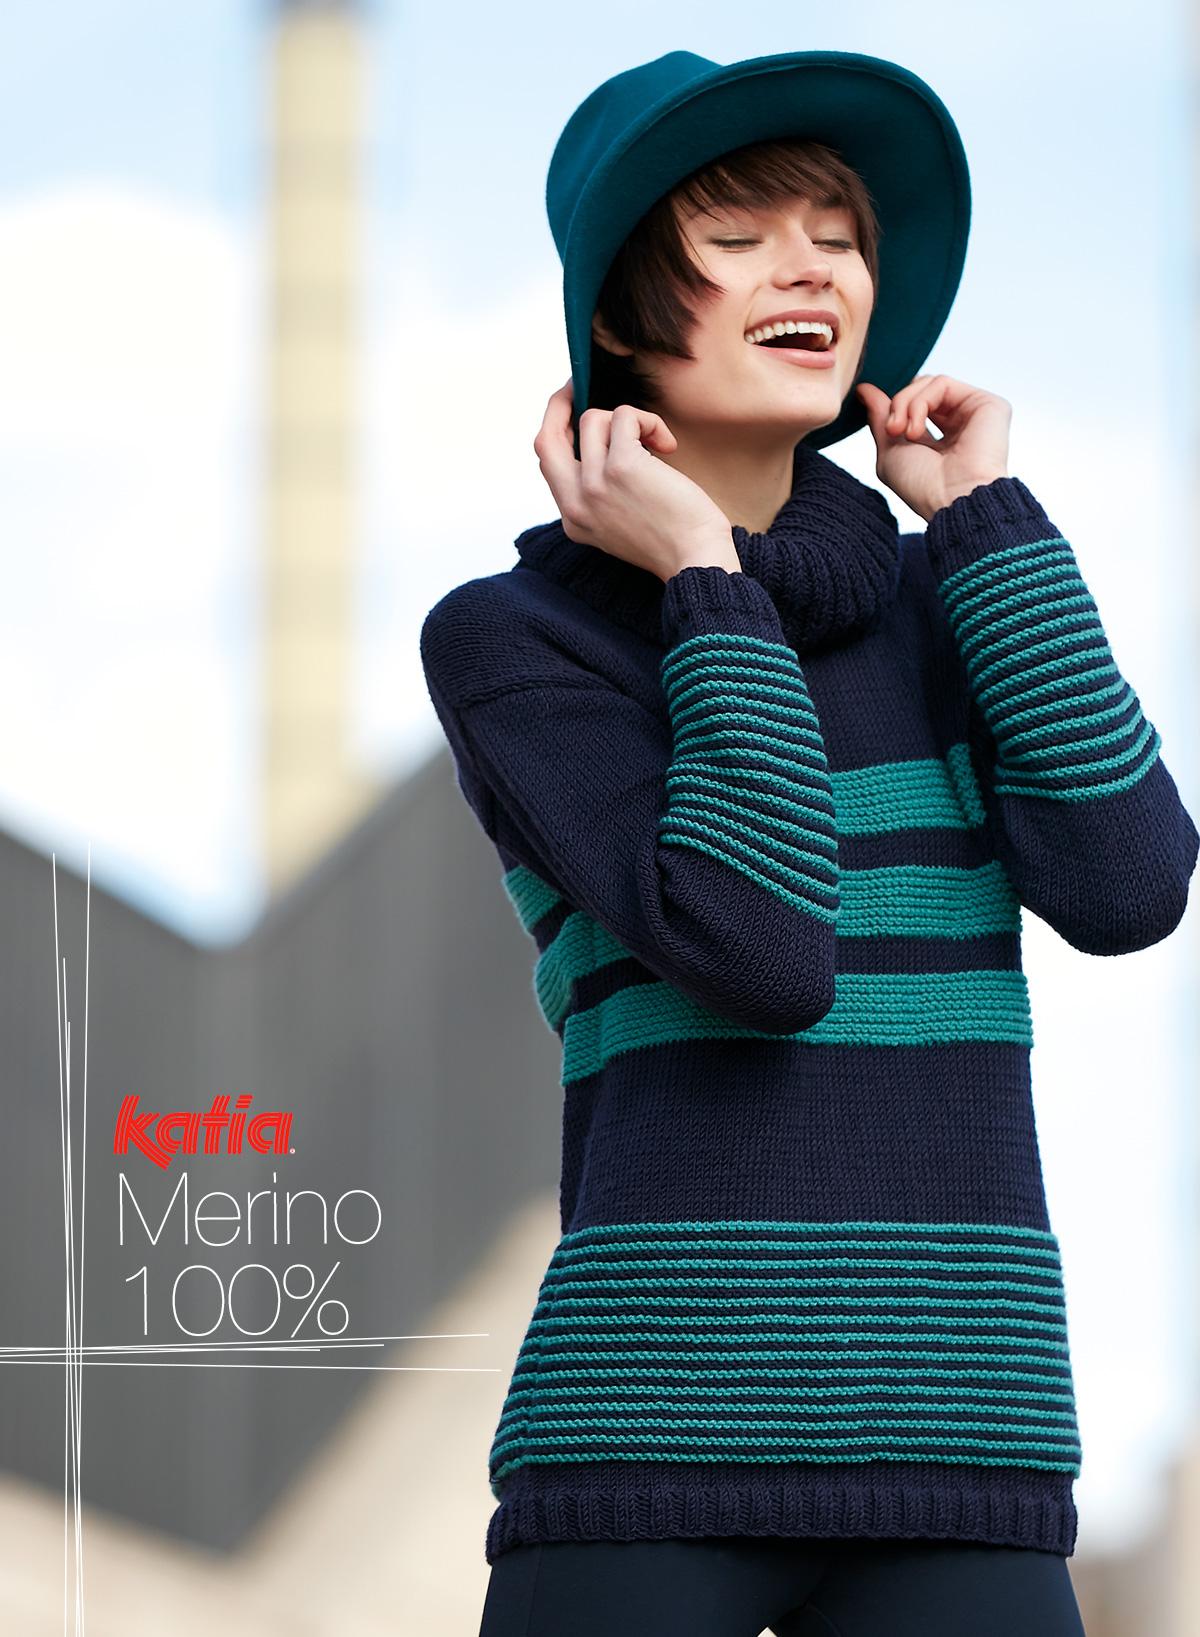 Lana Merino: la fibra 100% naturale di moda in 7 capi a maglia